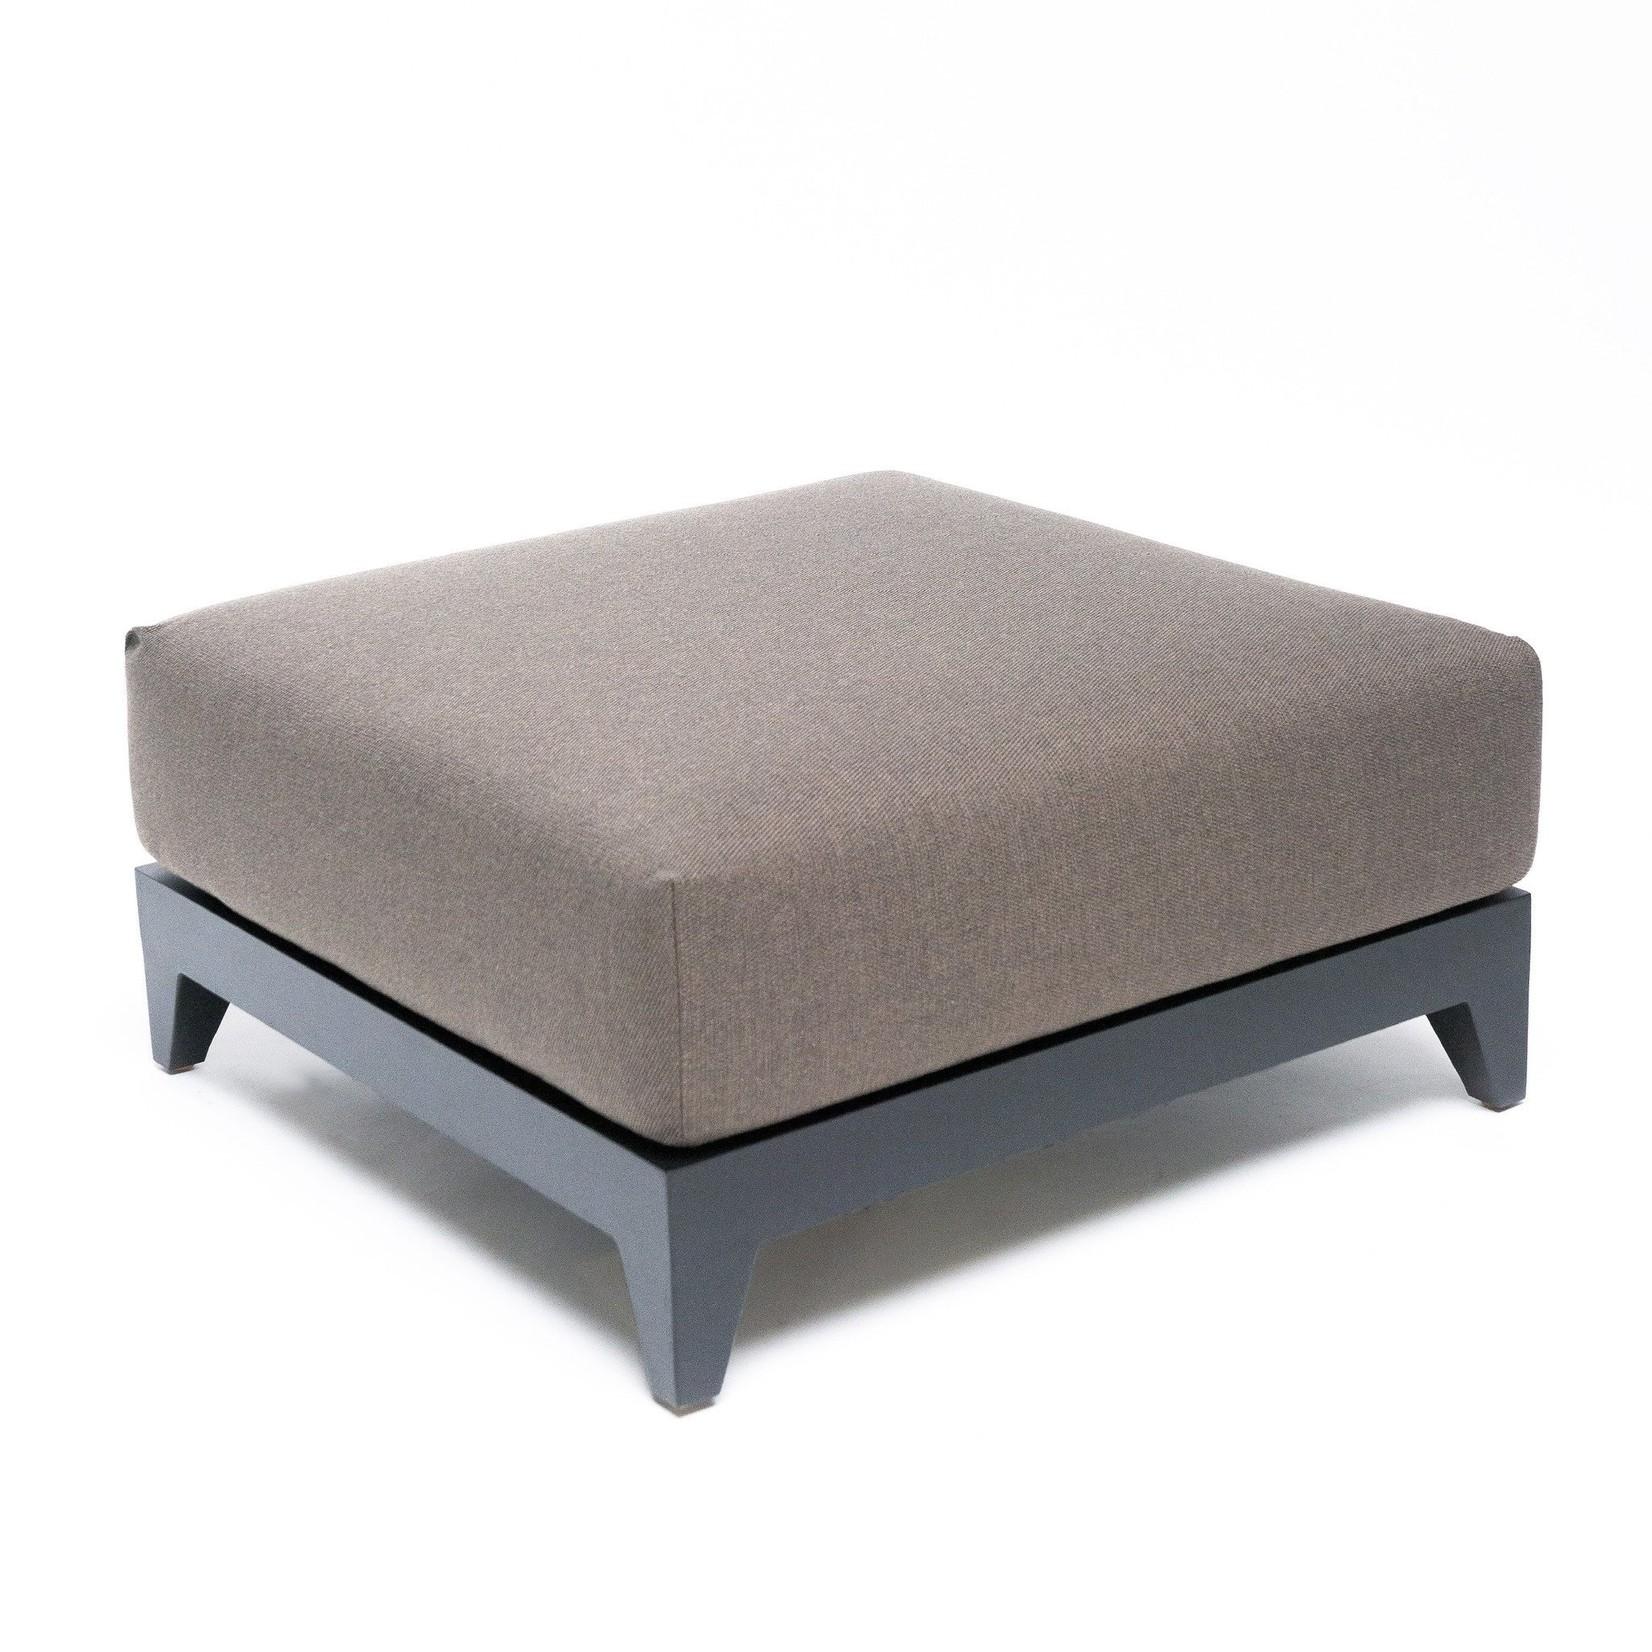 Gommaire Ottoman Mia | Aluminium noir mat + coussin